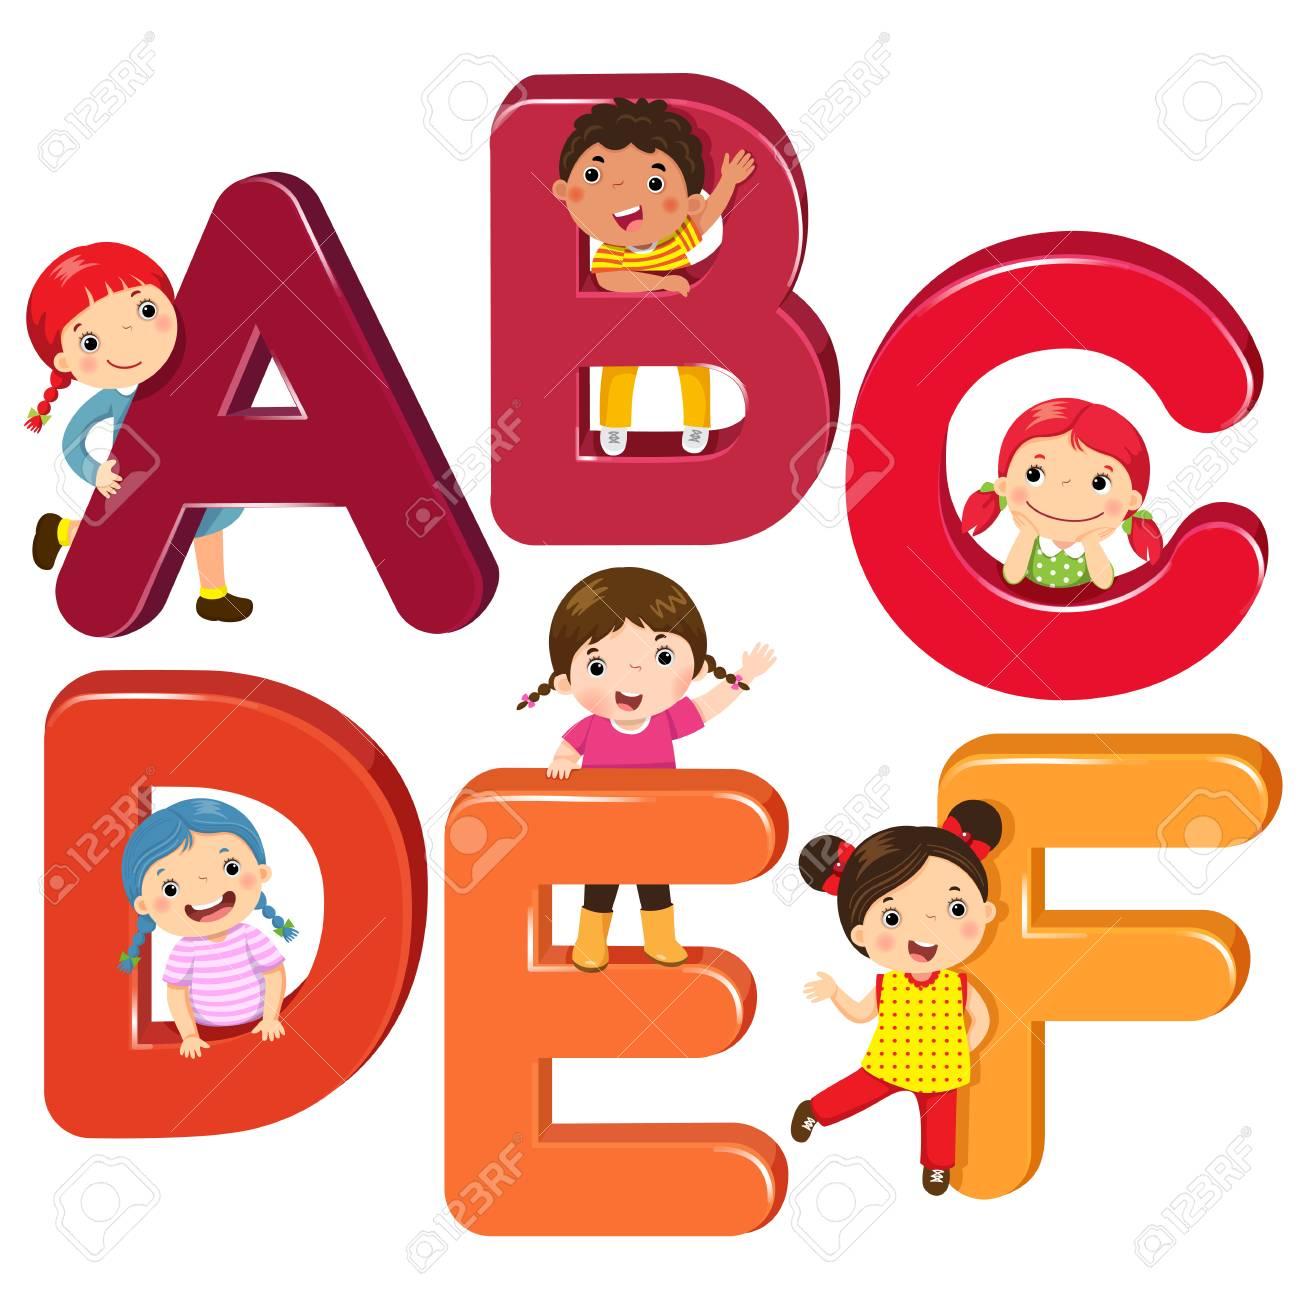 Niños De Dibujos Animados Con Letras Abcdef Ilustraciones